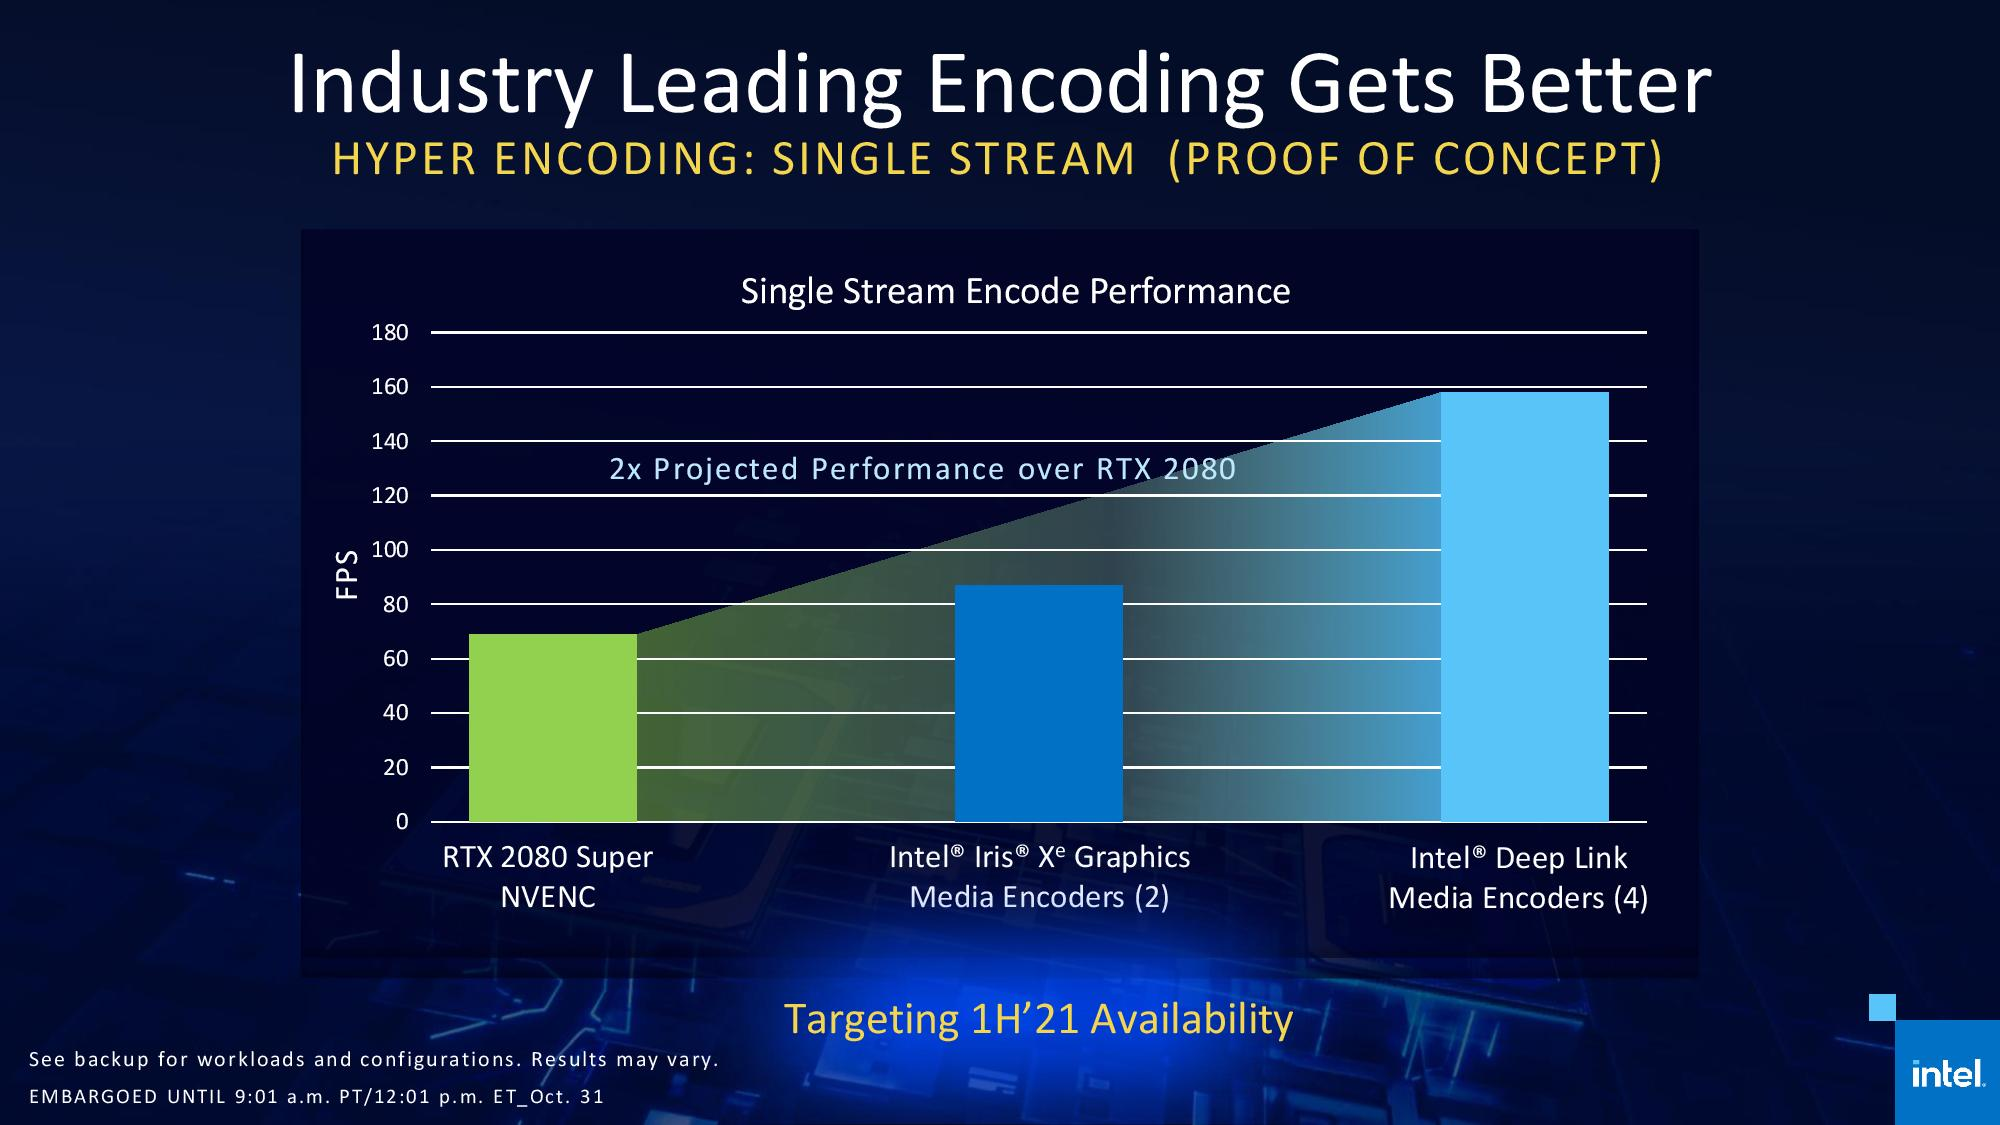 Intel Iris Xe Max GPU Deep Link Encoding